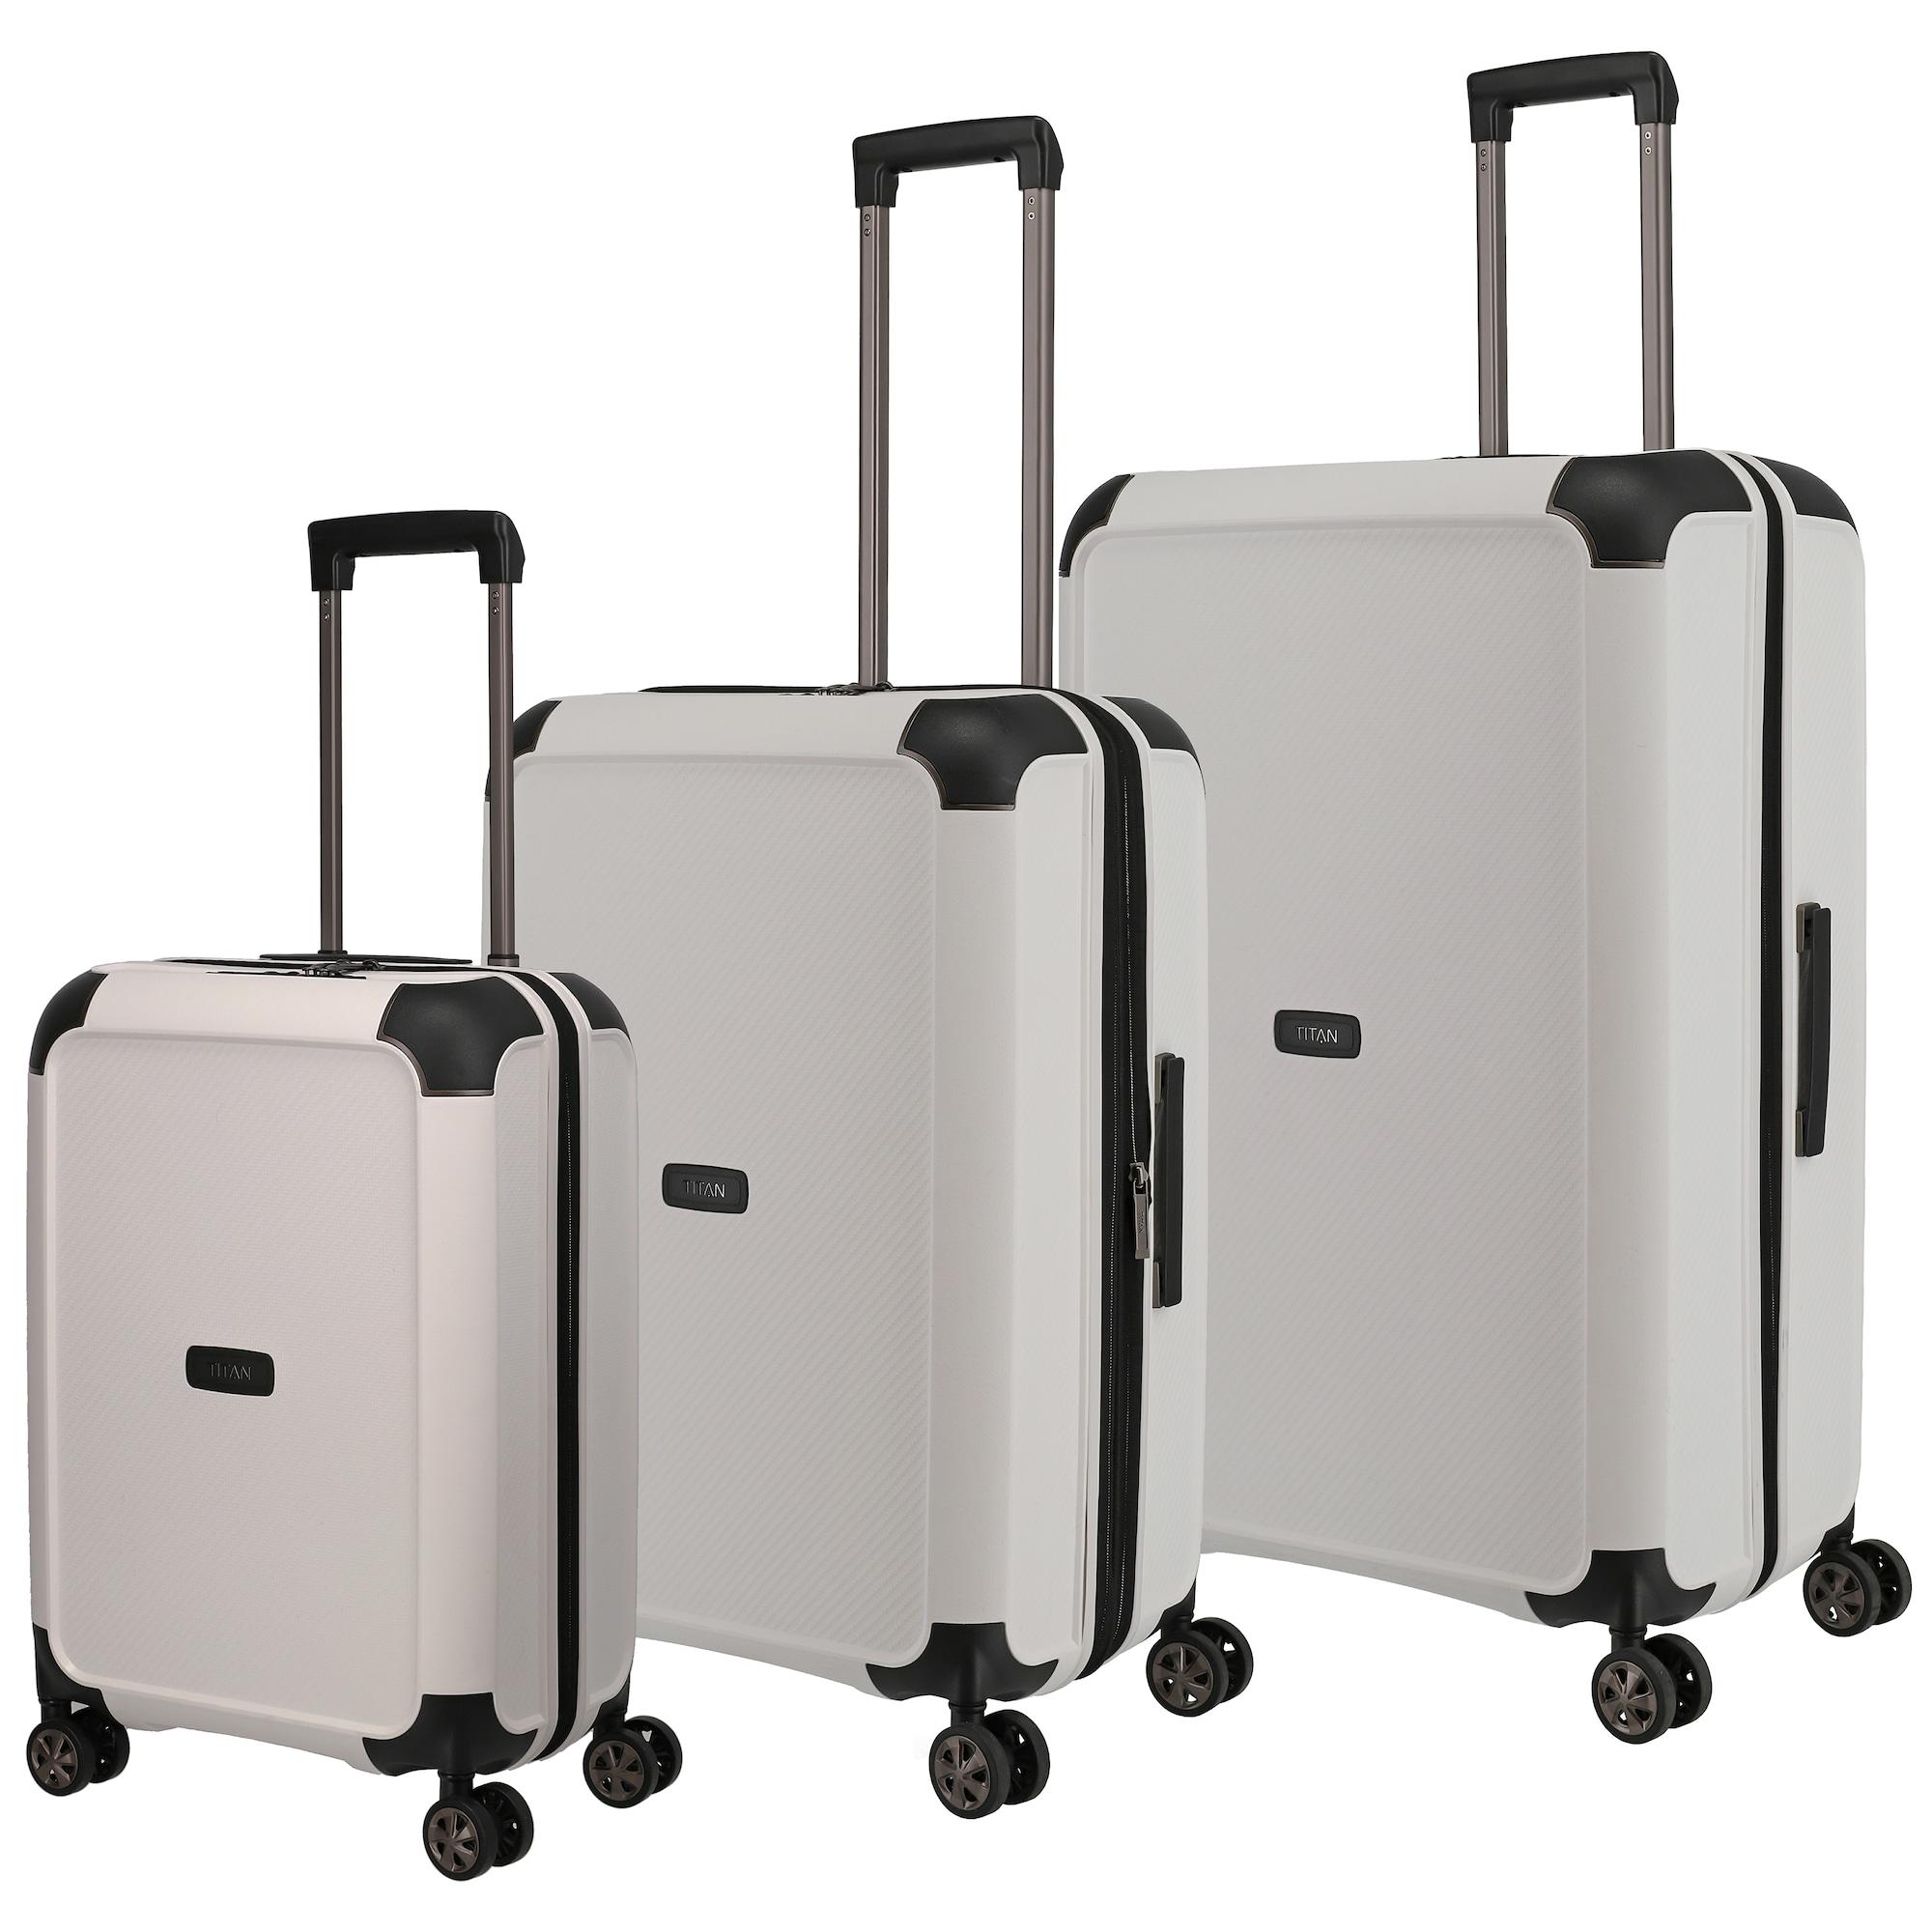 Kofferset | Taschen > Koffer & Trolleys > Koffersets | Titan